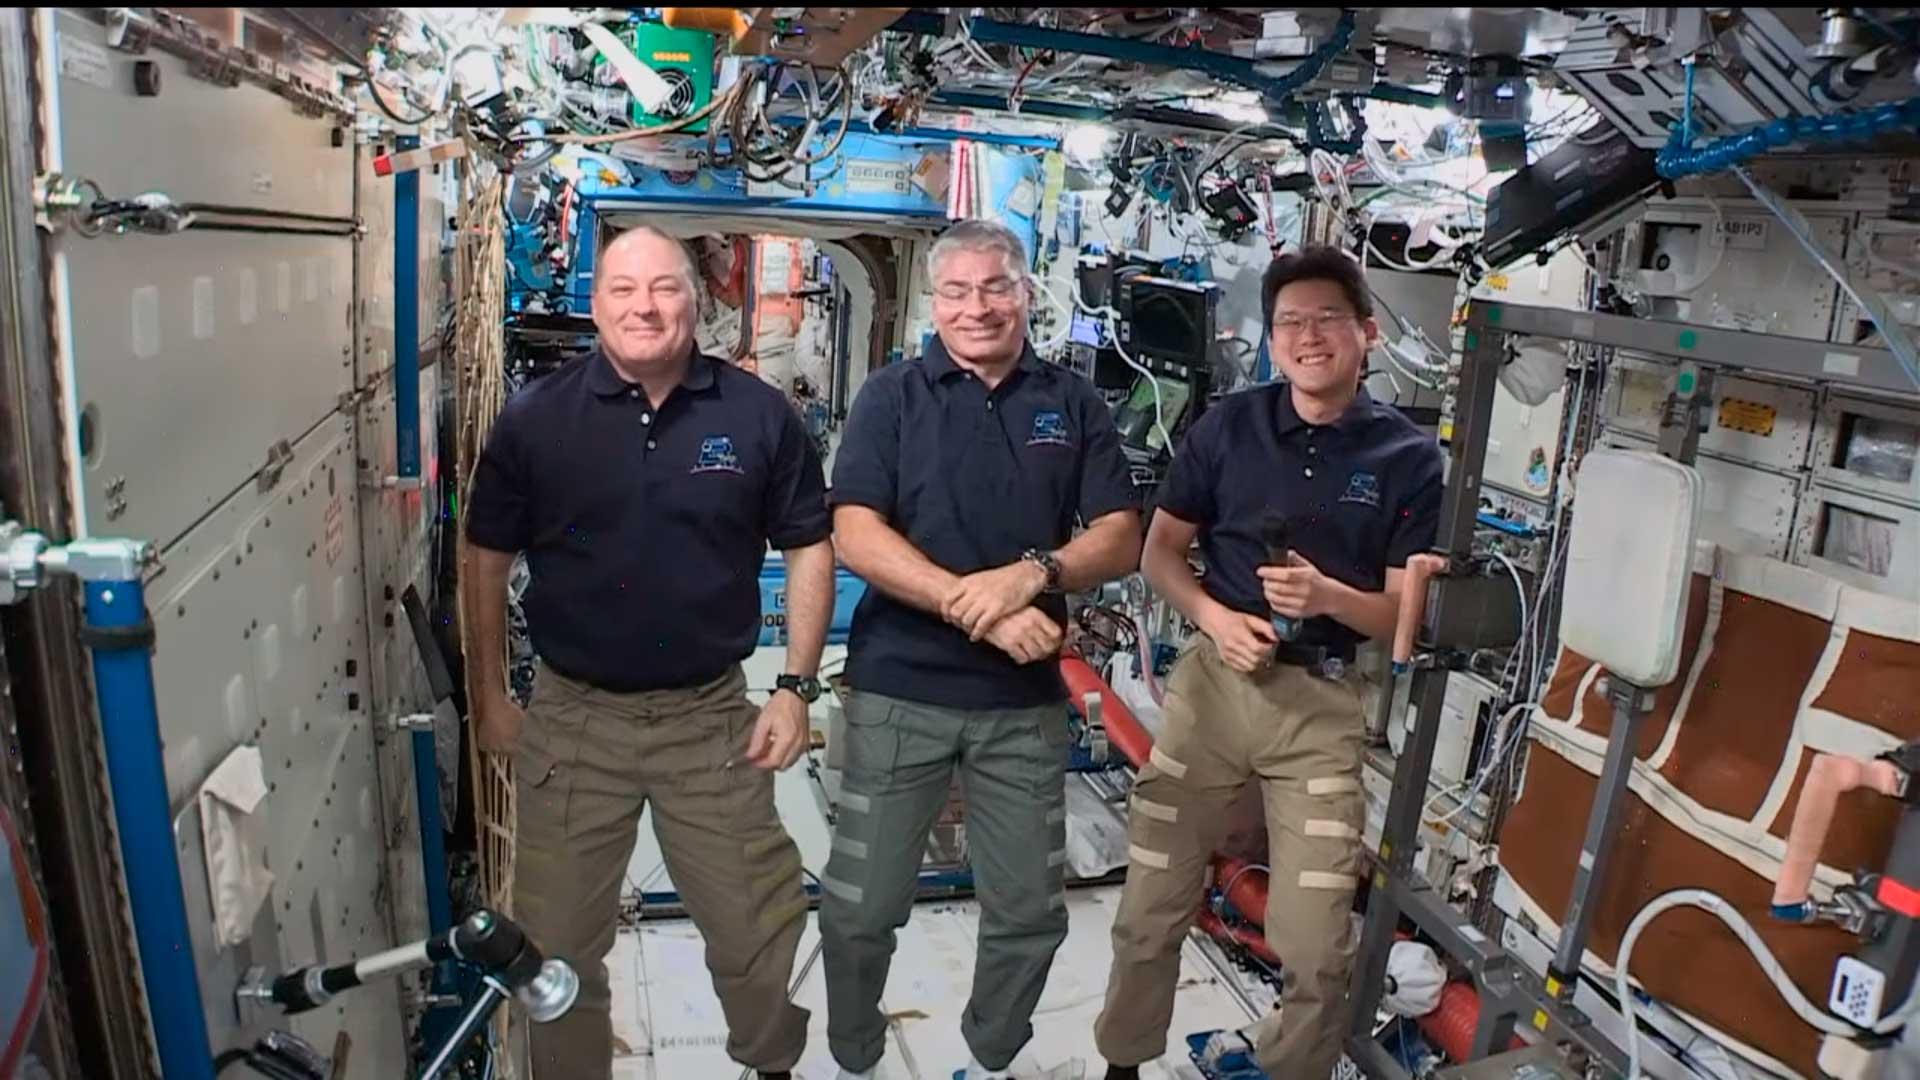 ¿Qué es lo que aparece al final de este vídeo? ¿fallo de imagen o epic fail? ¿quedó la NASA al descubierto?